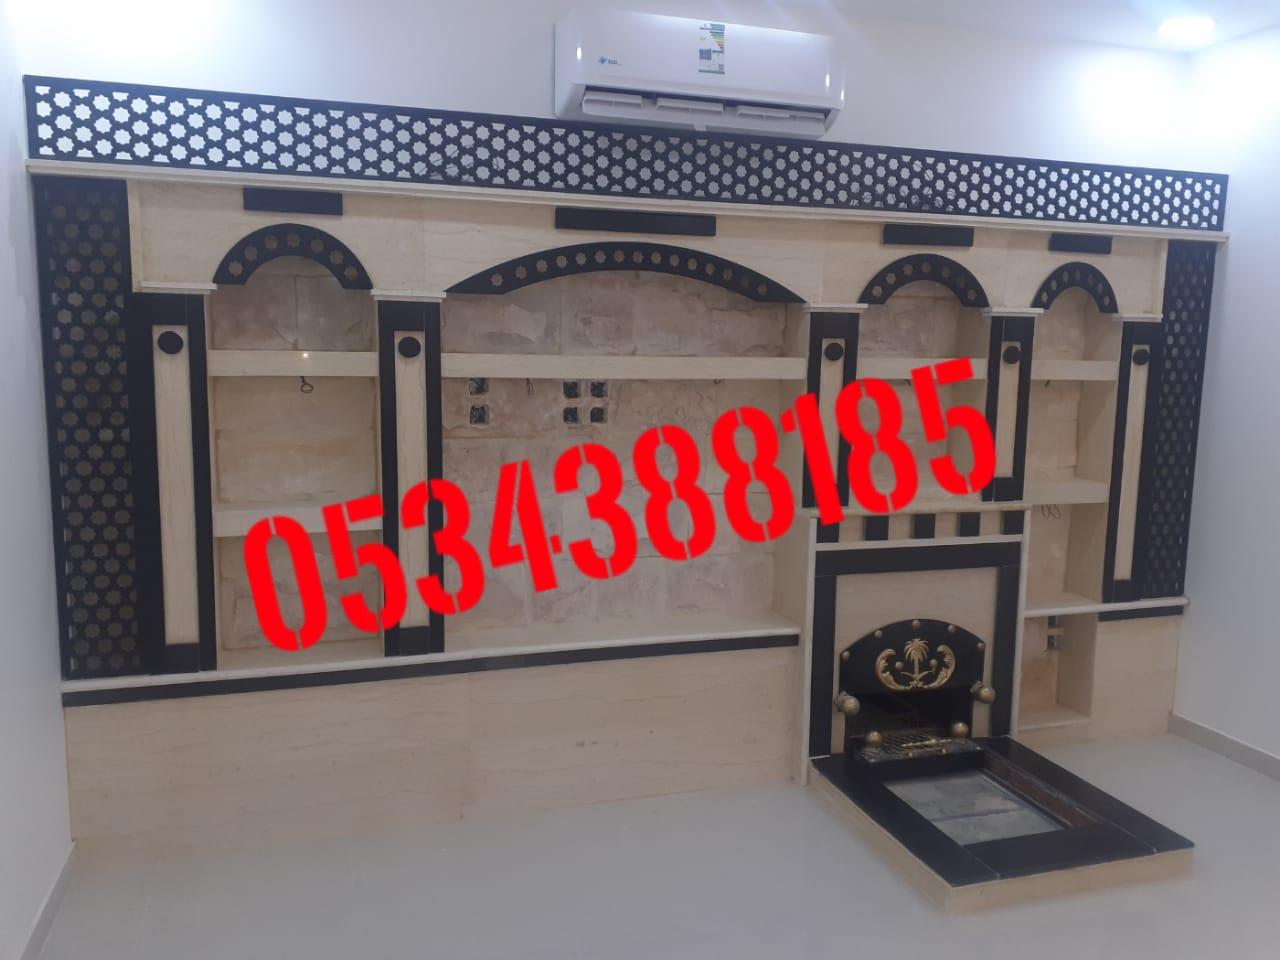 الرياض 0534388185 الرياض